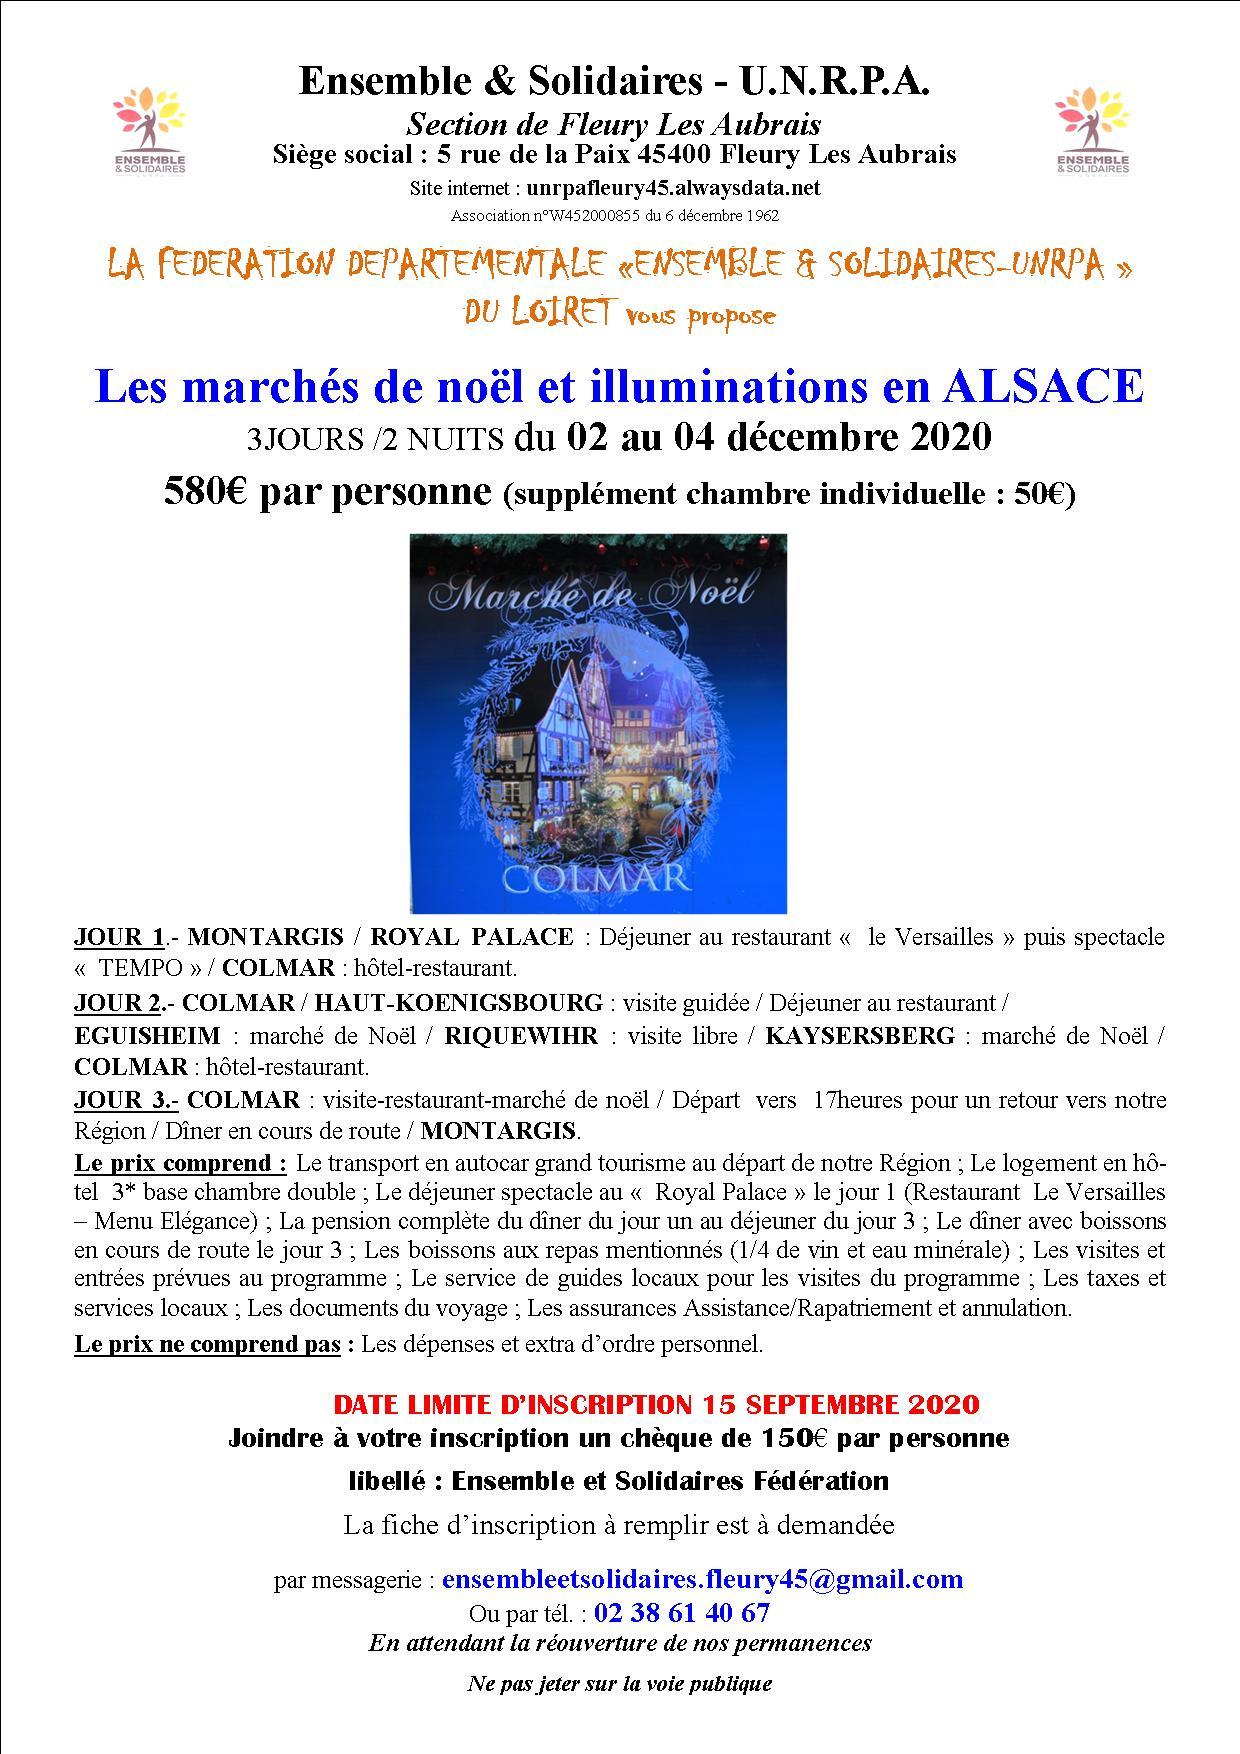 Affiche Alsace fédé du 2 au 4 12 2020.jpg